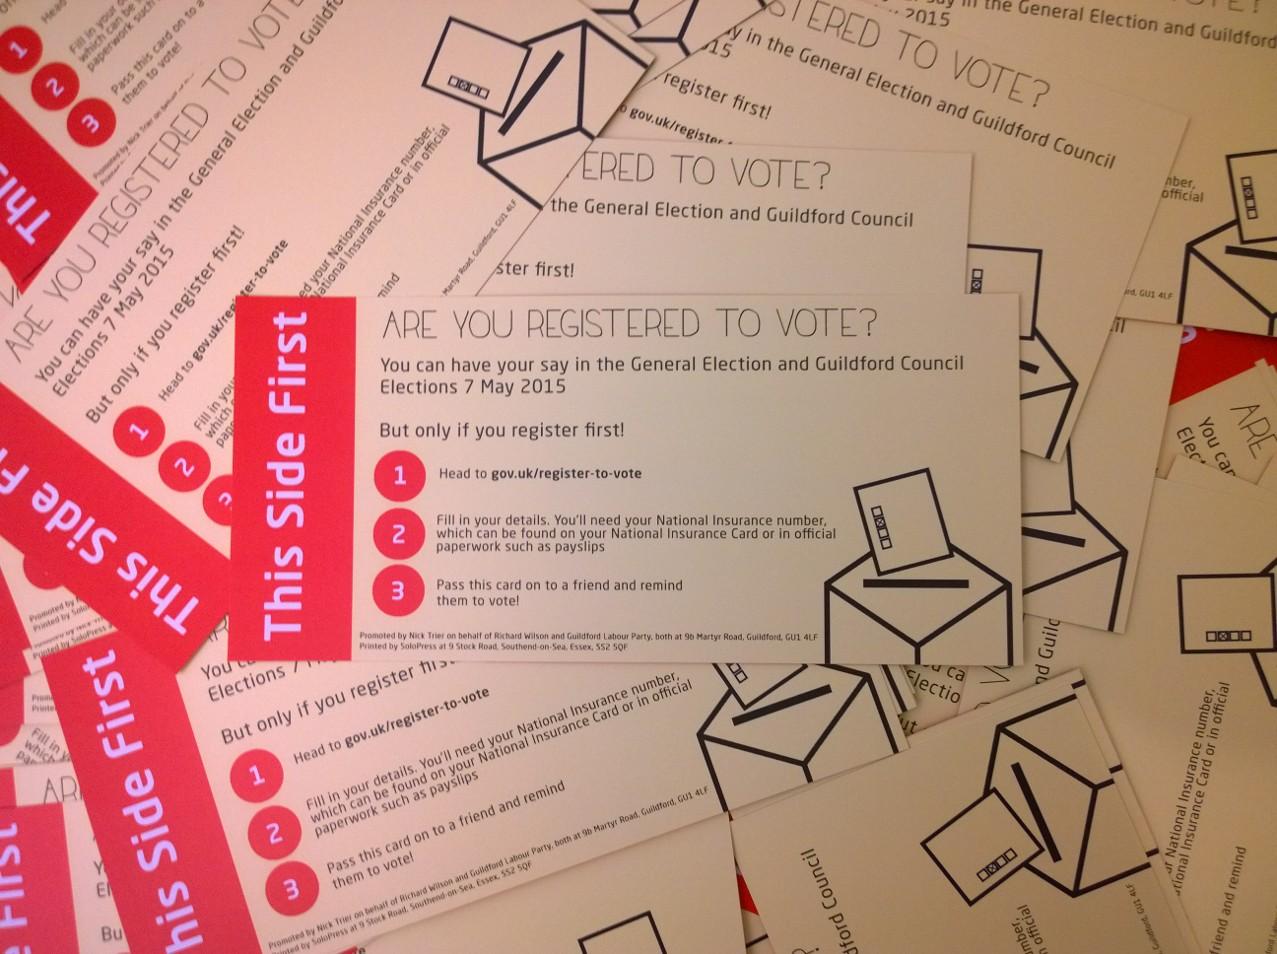 voter_registration_cards.jpg